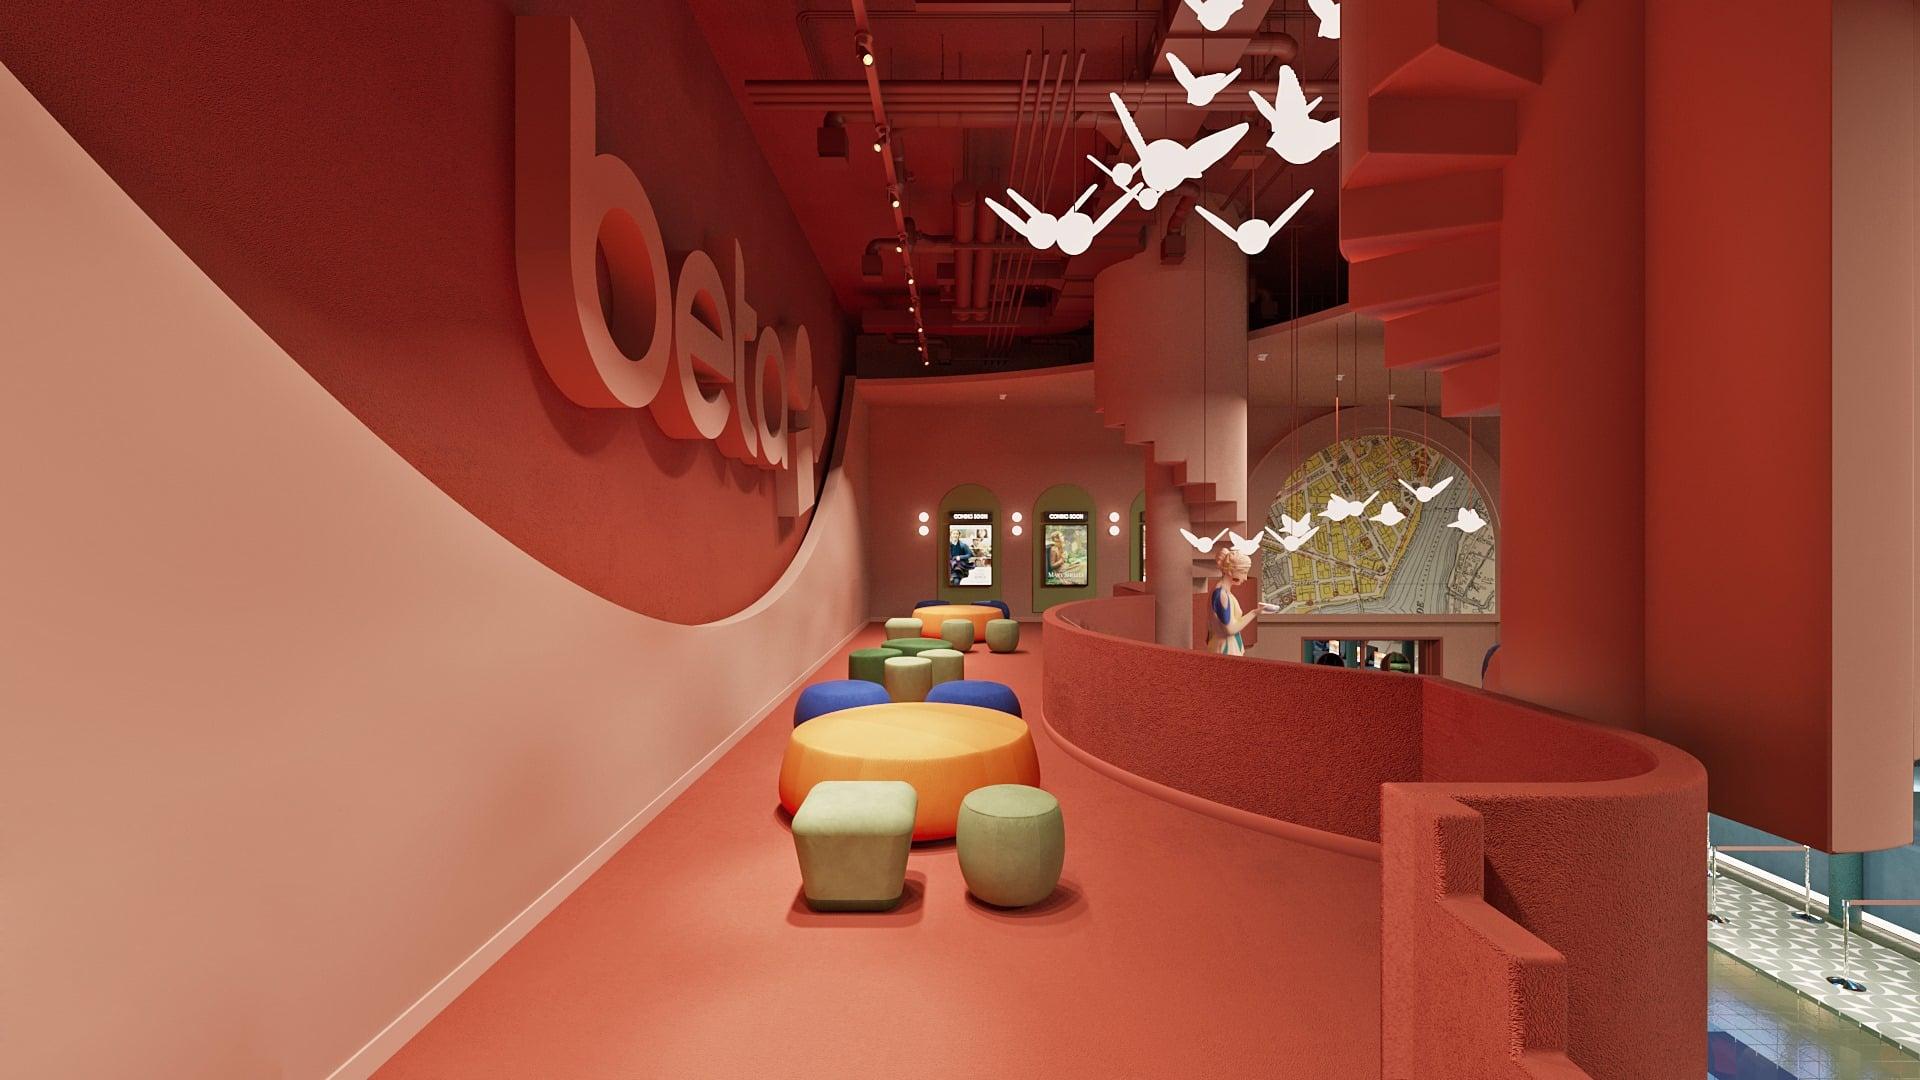 Beta Cinemas Quang Trung, rạp phim mới ở TP HCM mang phong cách Artistic Urban Lifestyle - Ảnh 4.